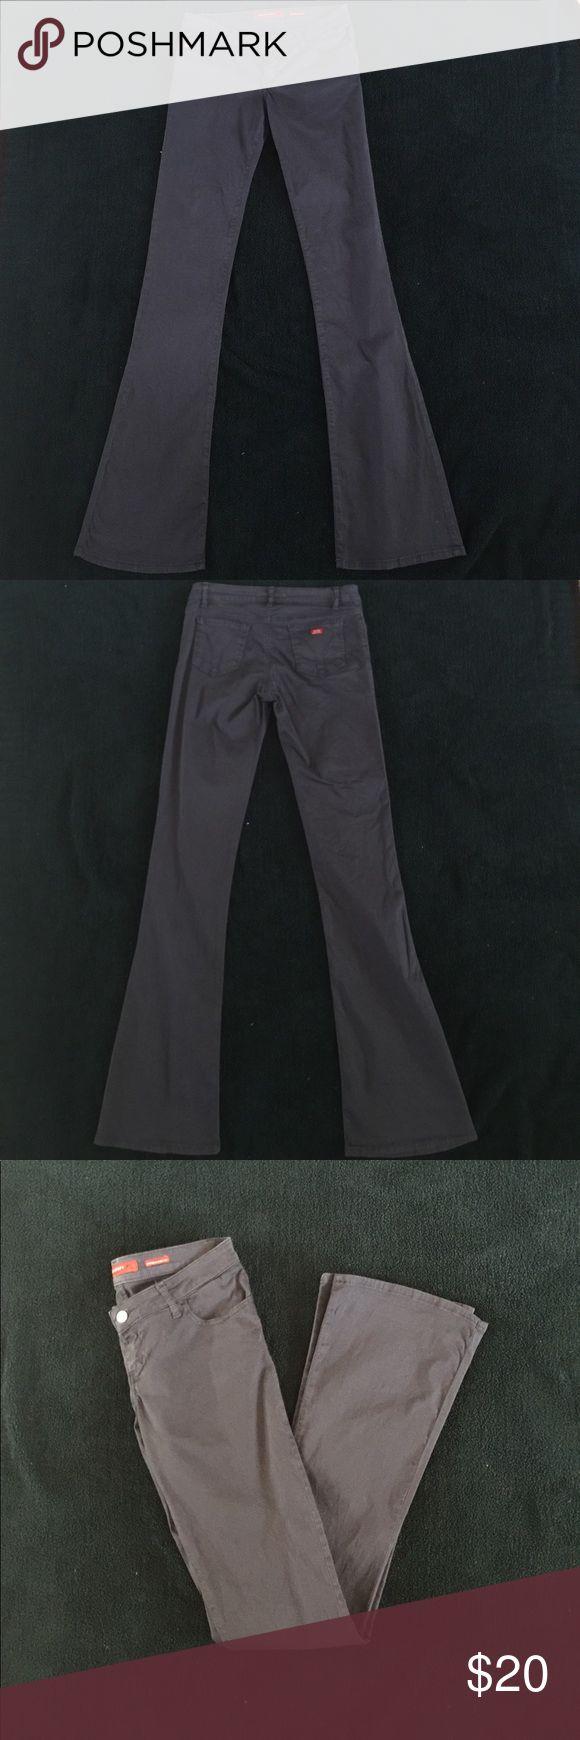 Miss Sixty Extra Low Ty Navy Stretch Jeans Miss Sixty Extra Low Ty Navy Stretch Boot Cut Jeans. 98% Cotton, 2% Elastane. Size 27. Miss Sixty Jeans Boot Cut